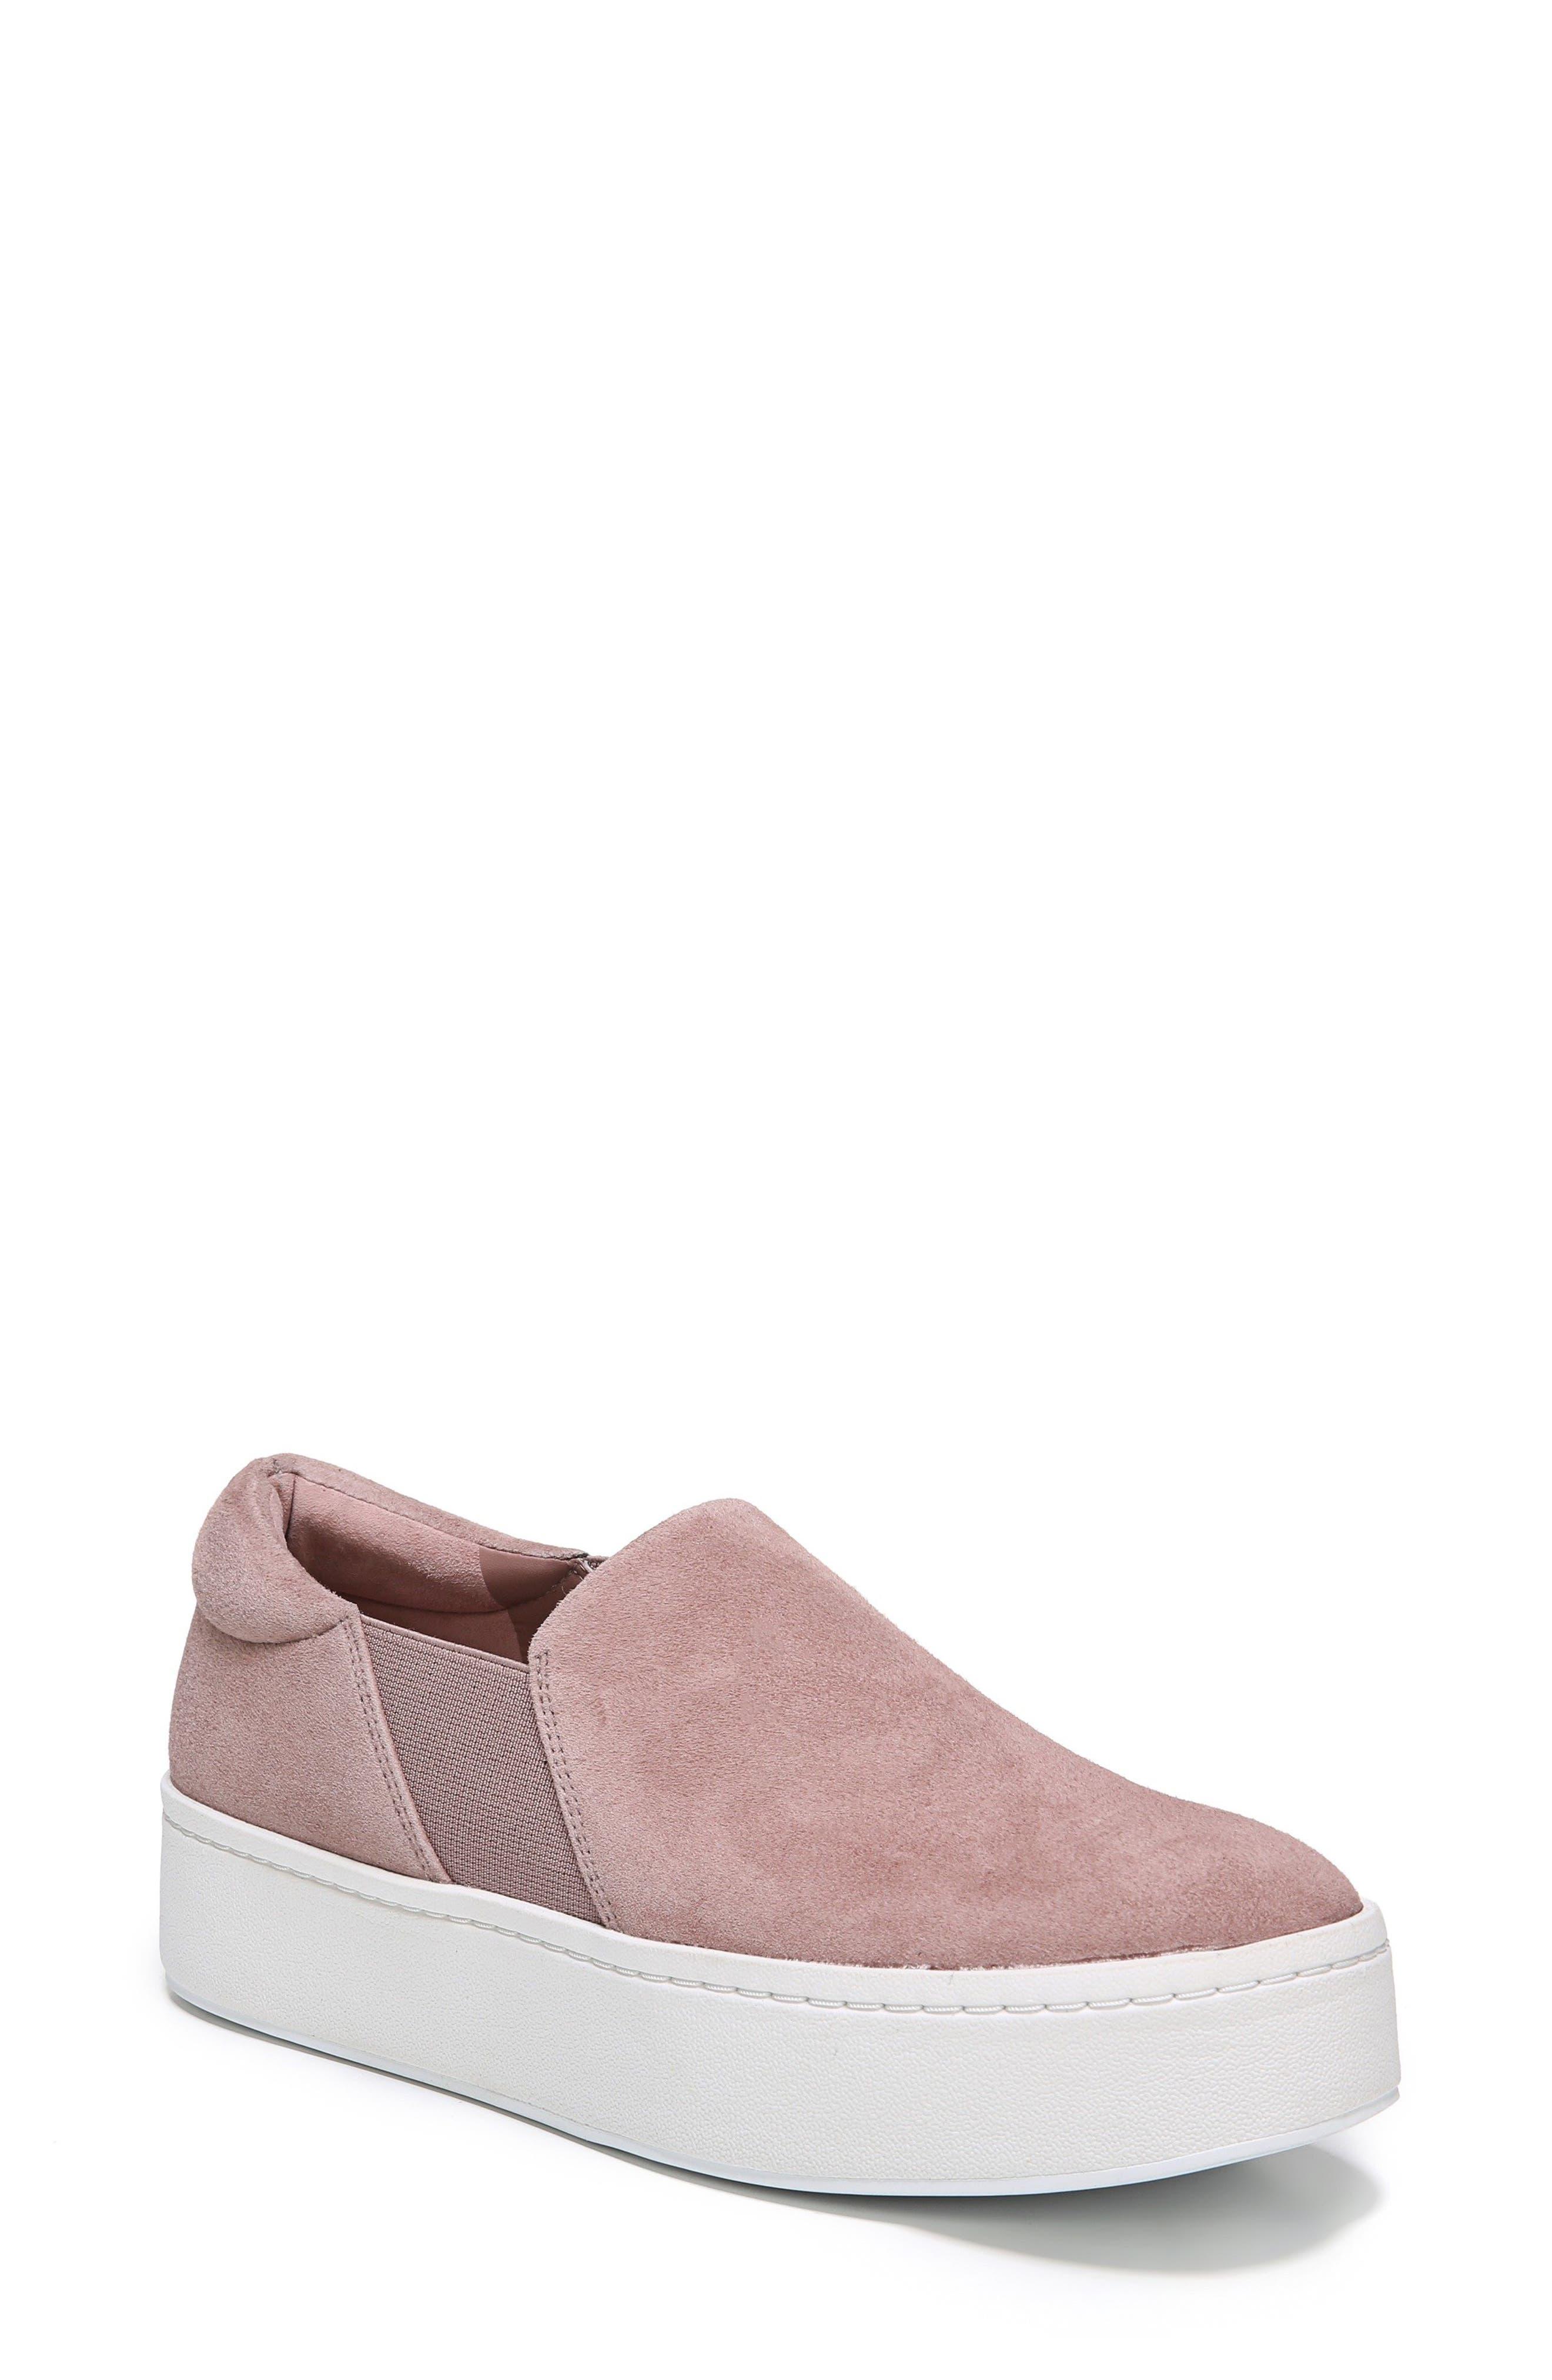 Warren Slip-On Sneaker,                         Main,                         color, Hydrangea Suede